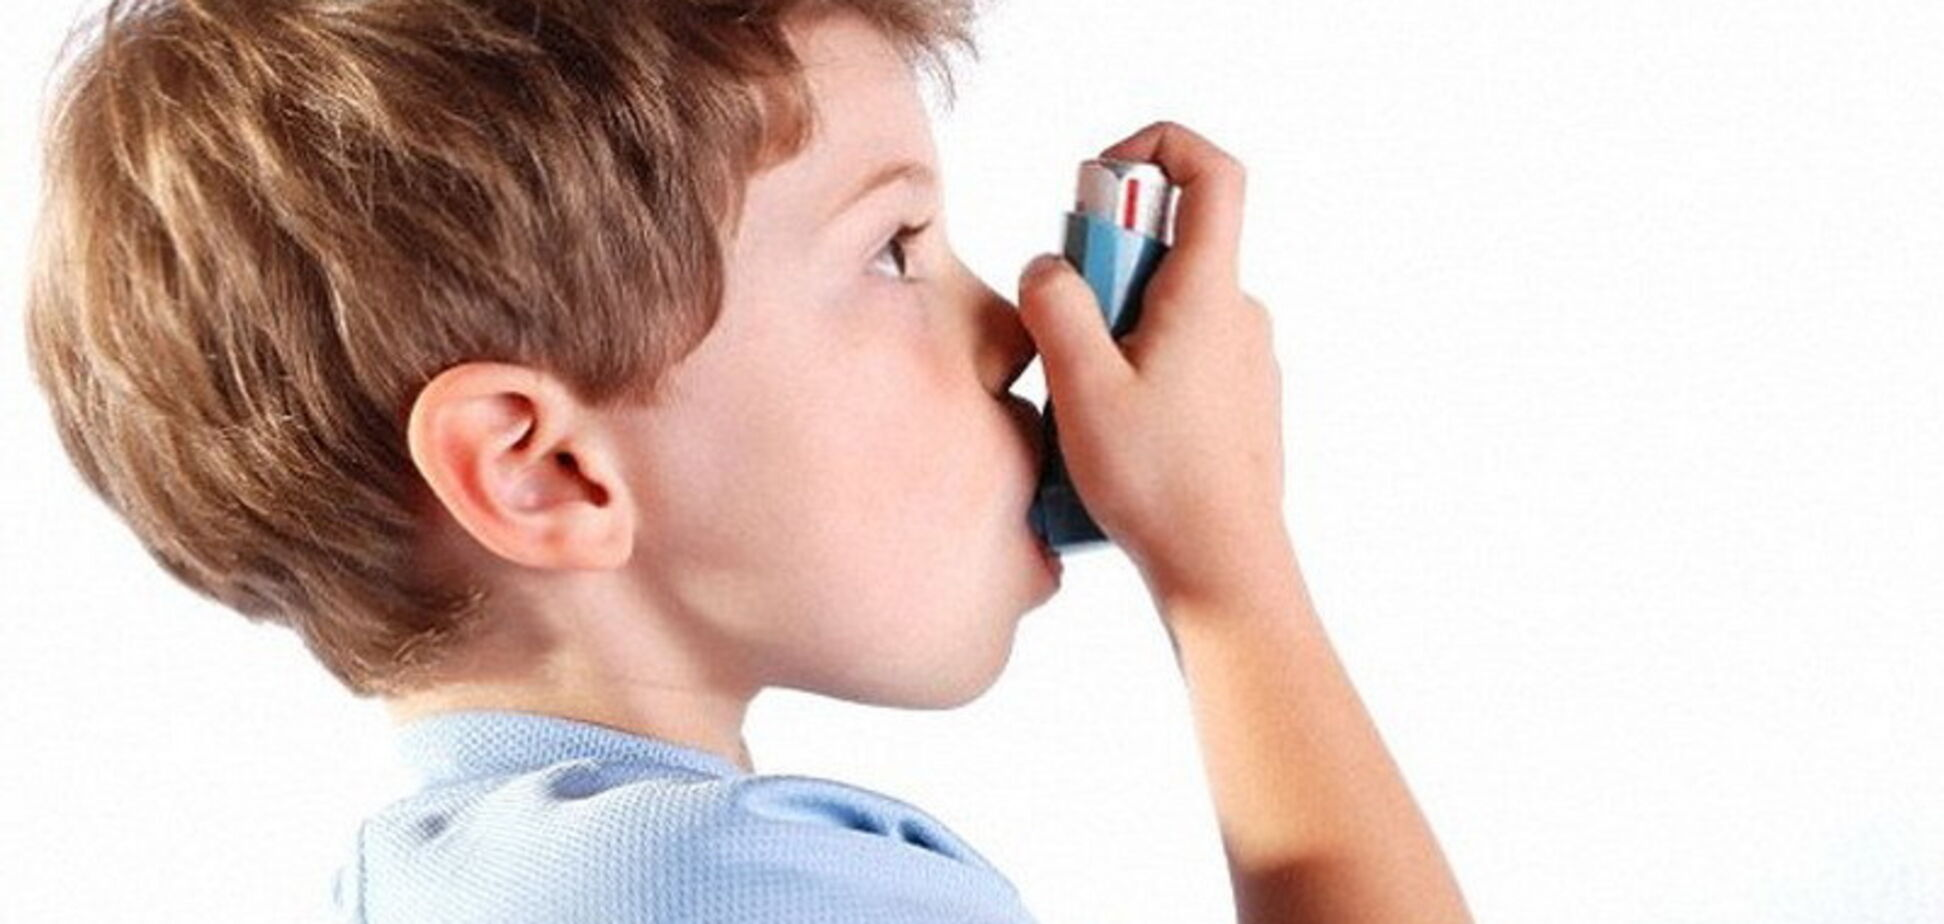 Бронхиальная астма: стоит ли молчать о симптомах?